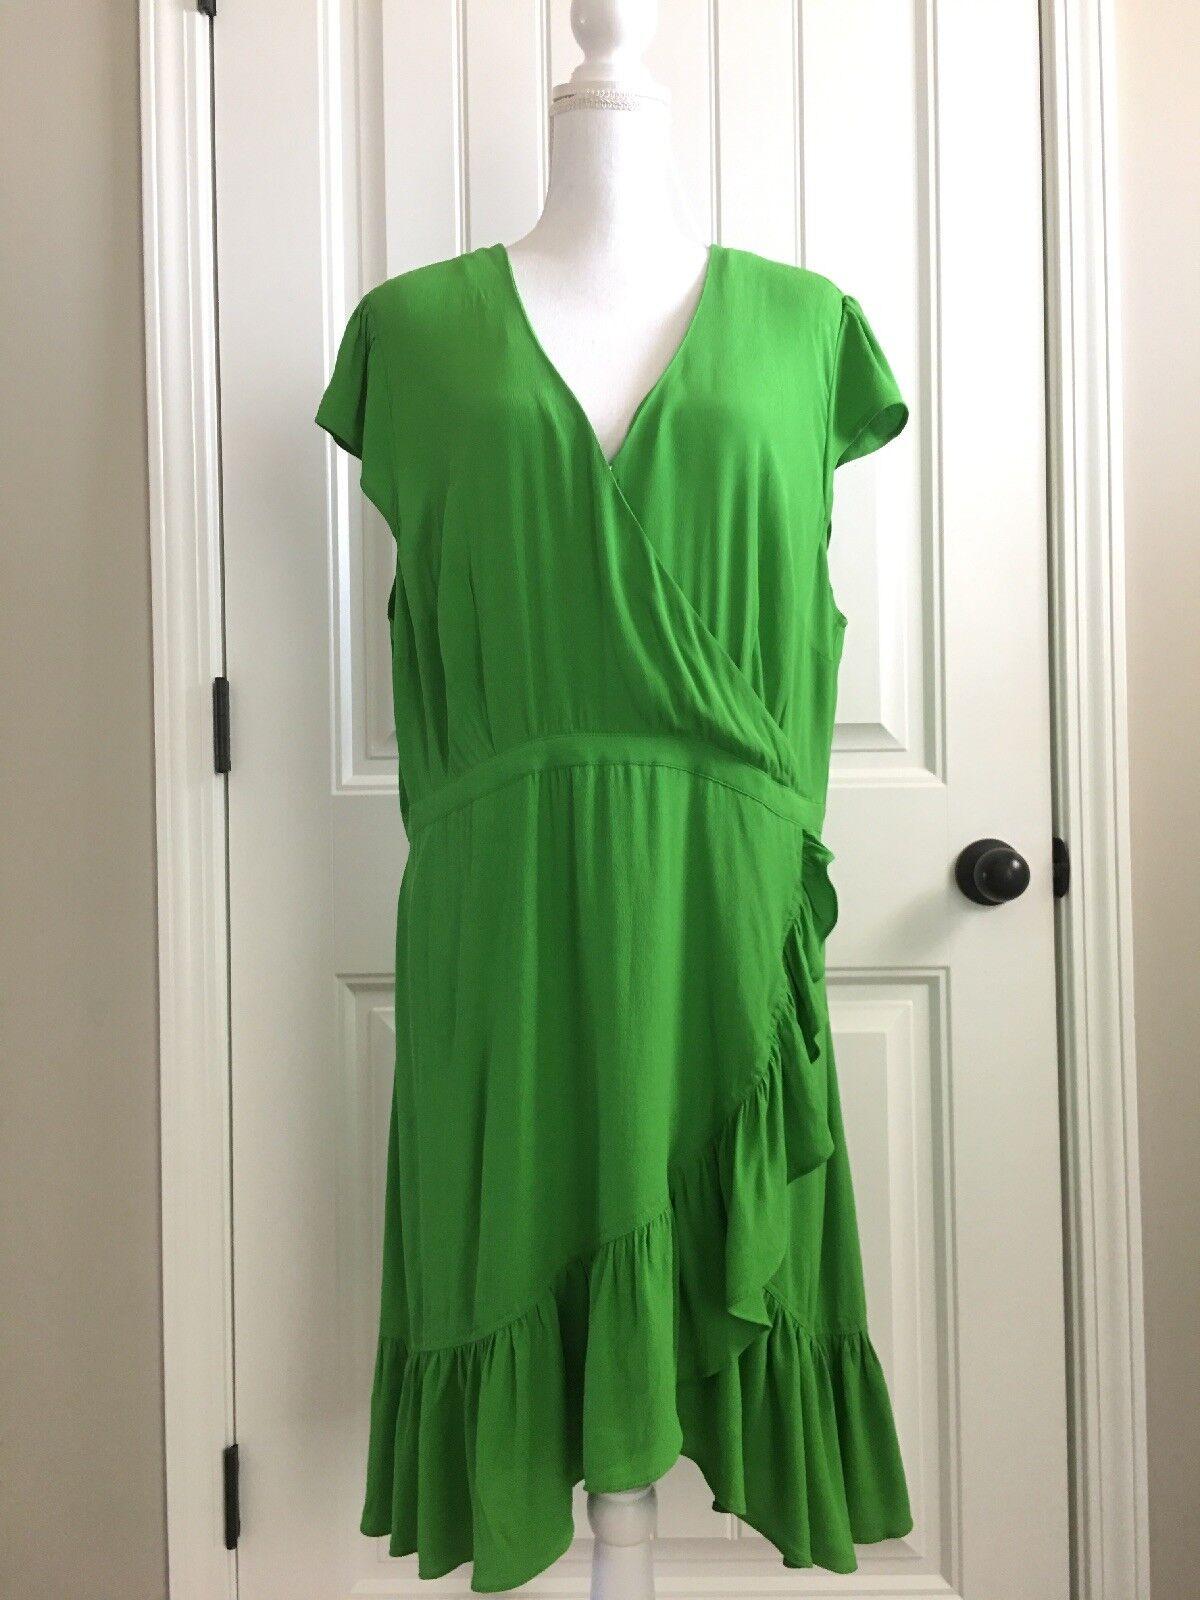 New J Crew Faux-wrap Mini Dress in Drapey Crepe Bright Green Sz 20 J1652